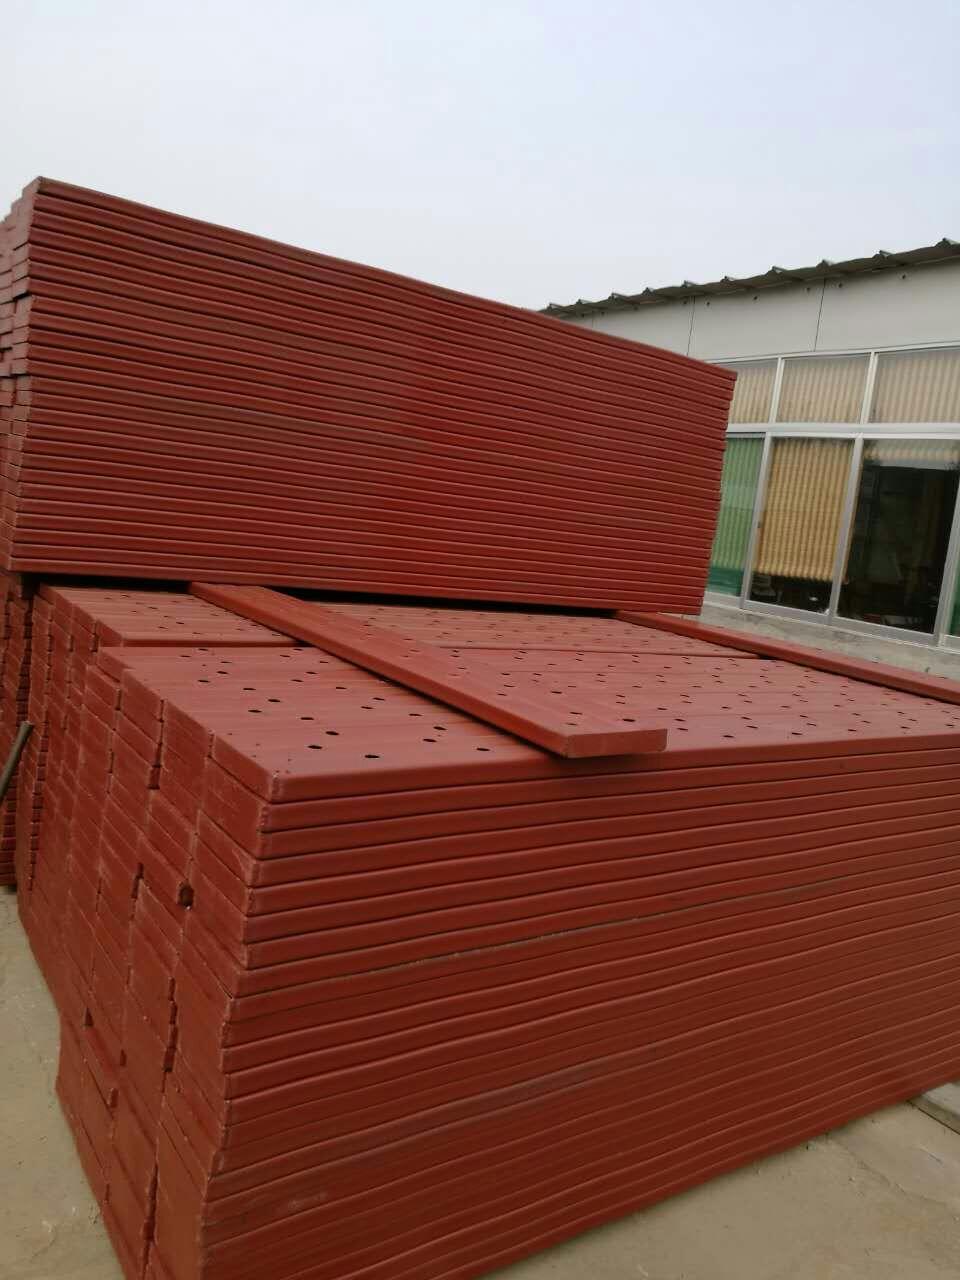 脚手架钢架板,油漆钢架板厂家,油漆钢架板